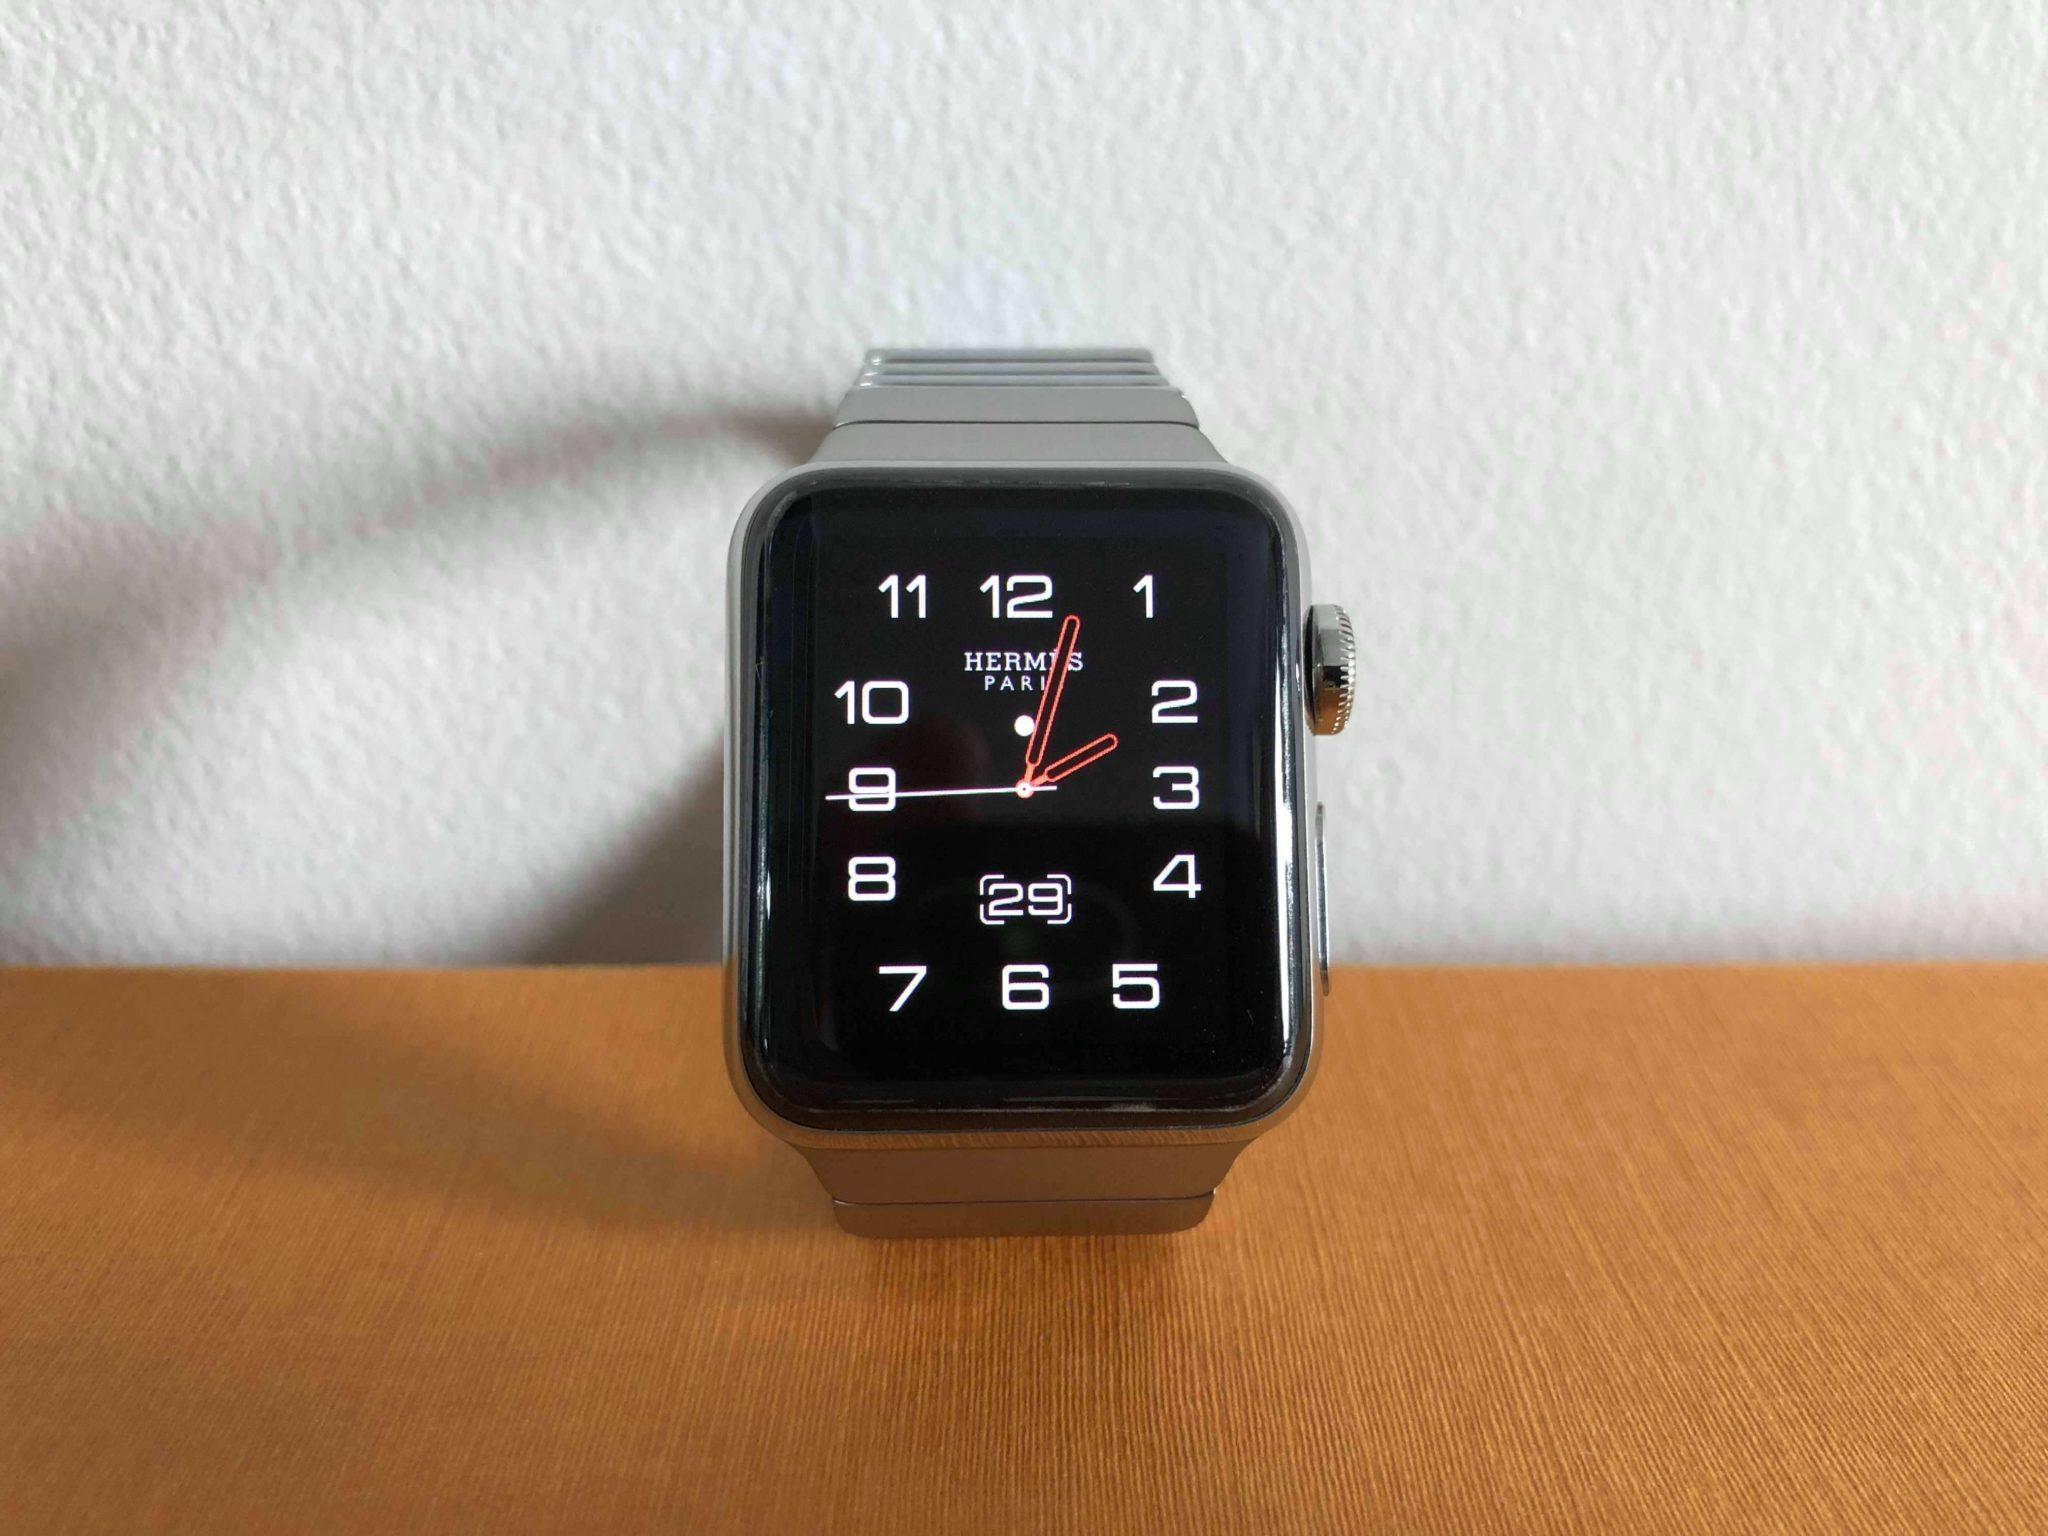 รีวิว Apple Watch LTE นาฬิกาแอปเปิ้ลใหม่ใส่ซิม โทรได้แม้ไร้ iPhone 21 - Smart Home